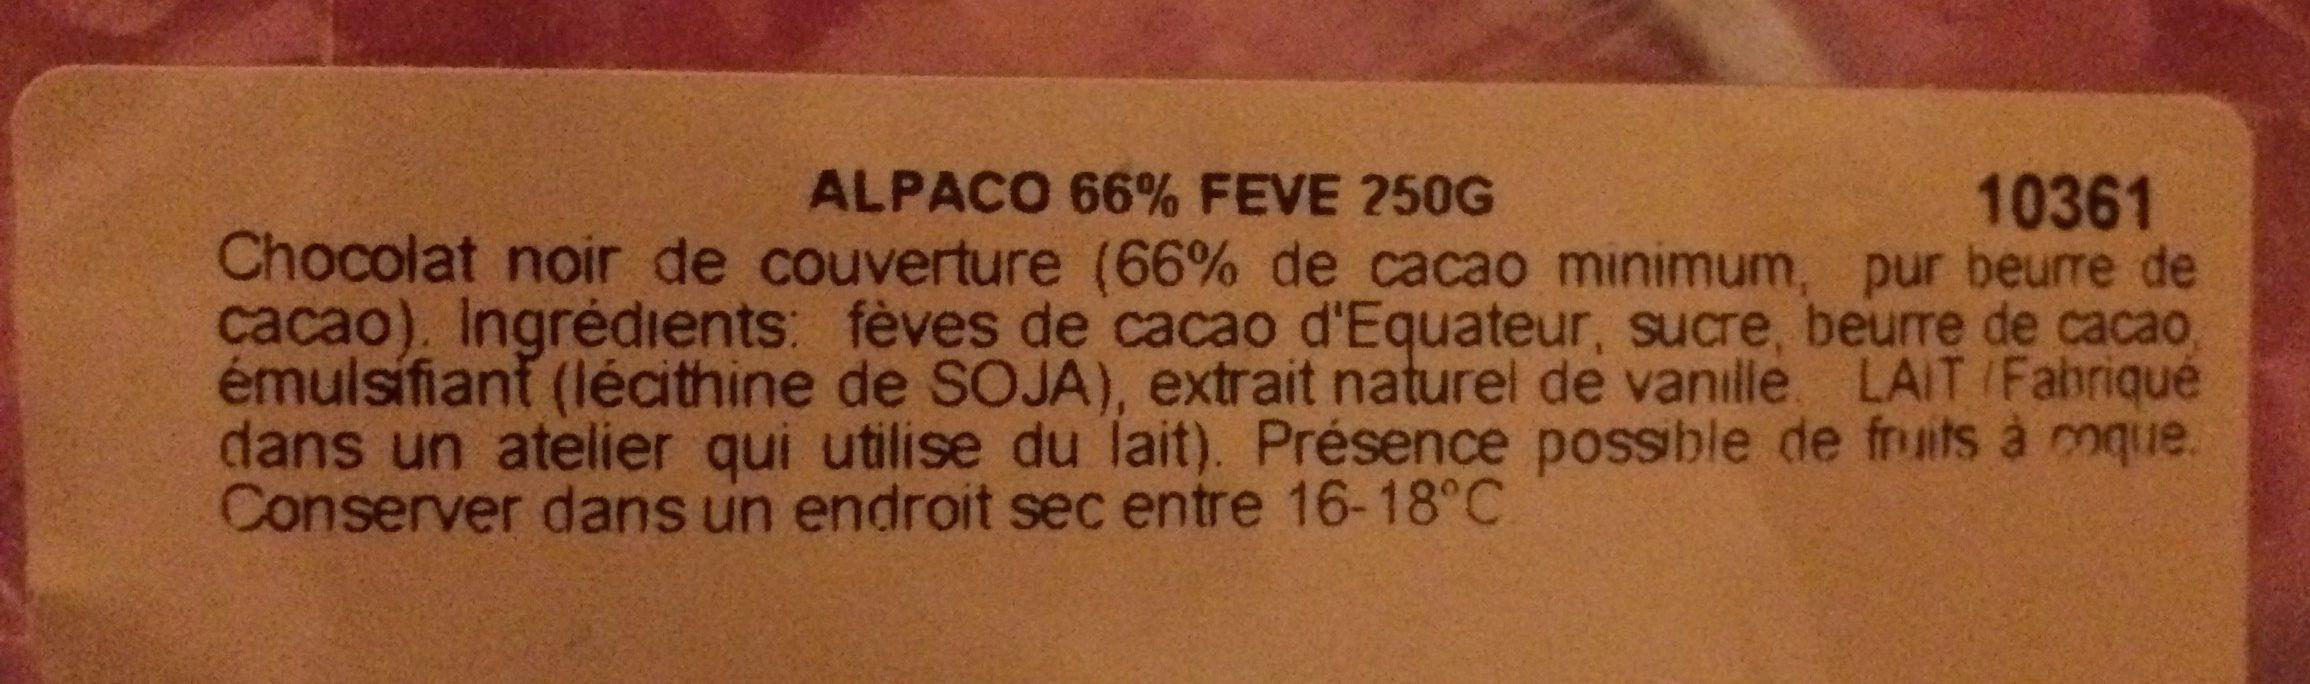 Alpaco - Ingrédients - fr